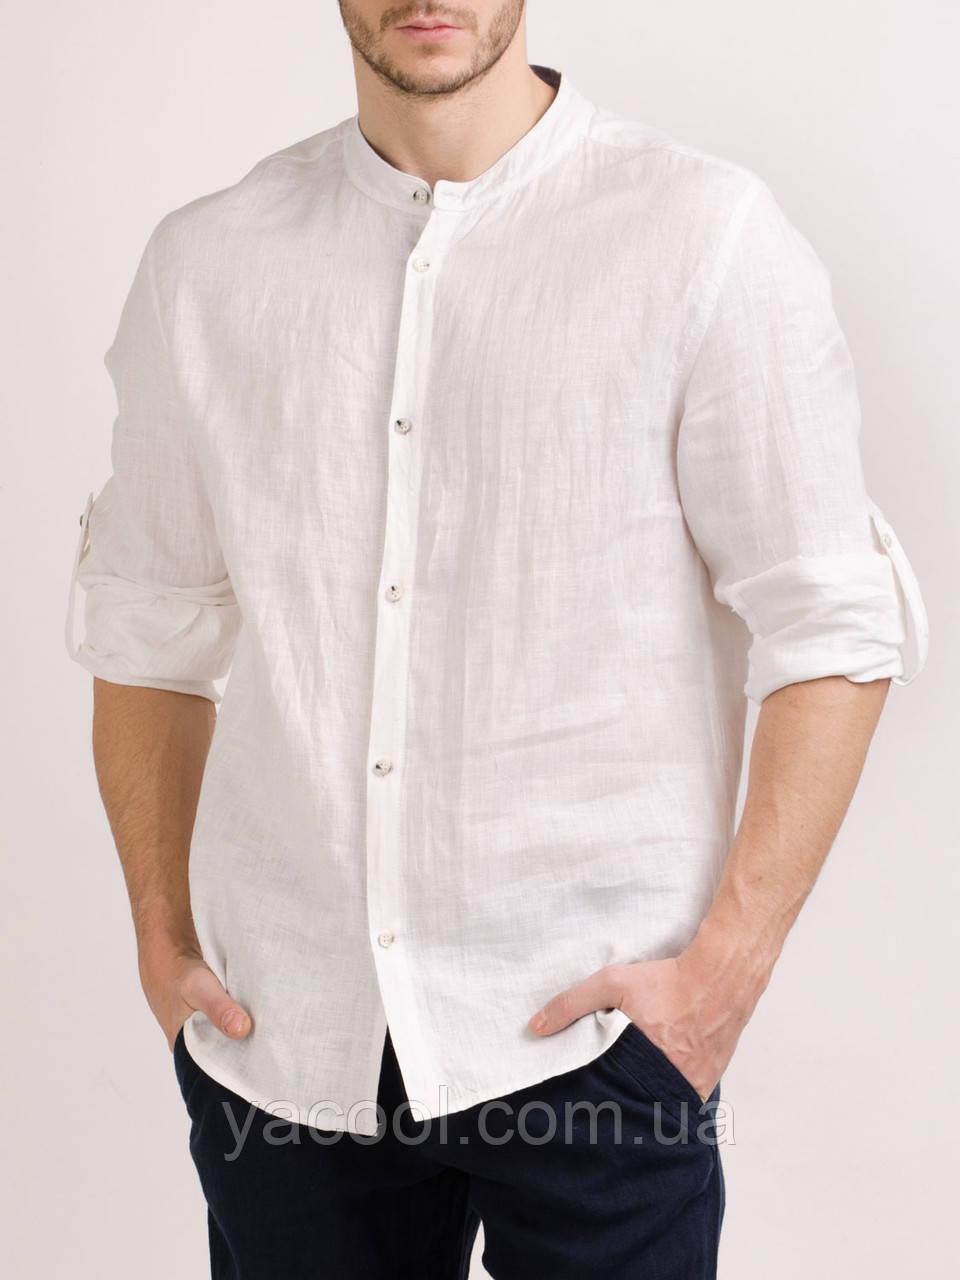 c9624a23f03 Рубашка классическая мужская.Натуральный тонкий лен. Разные цвета. Для  пляжной церимонии - Интернет